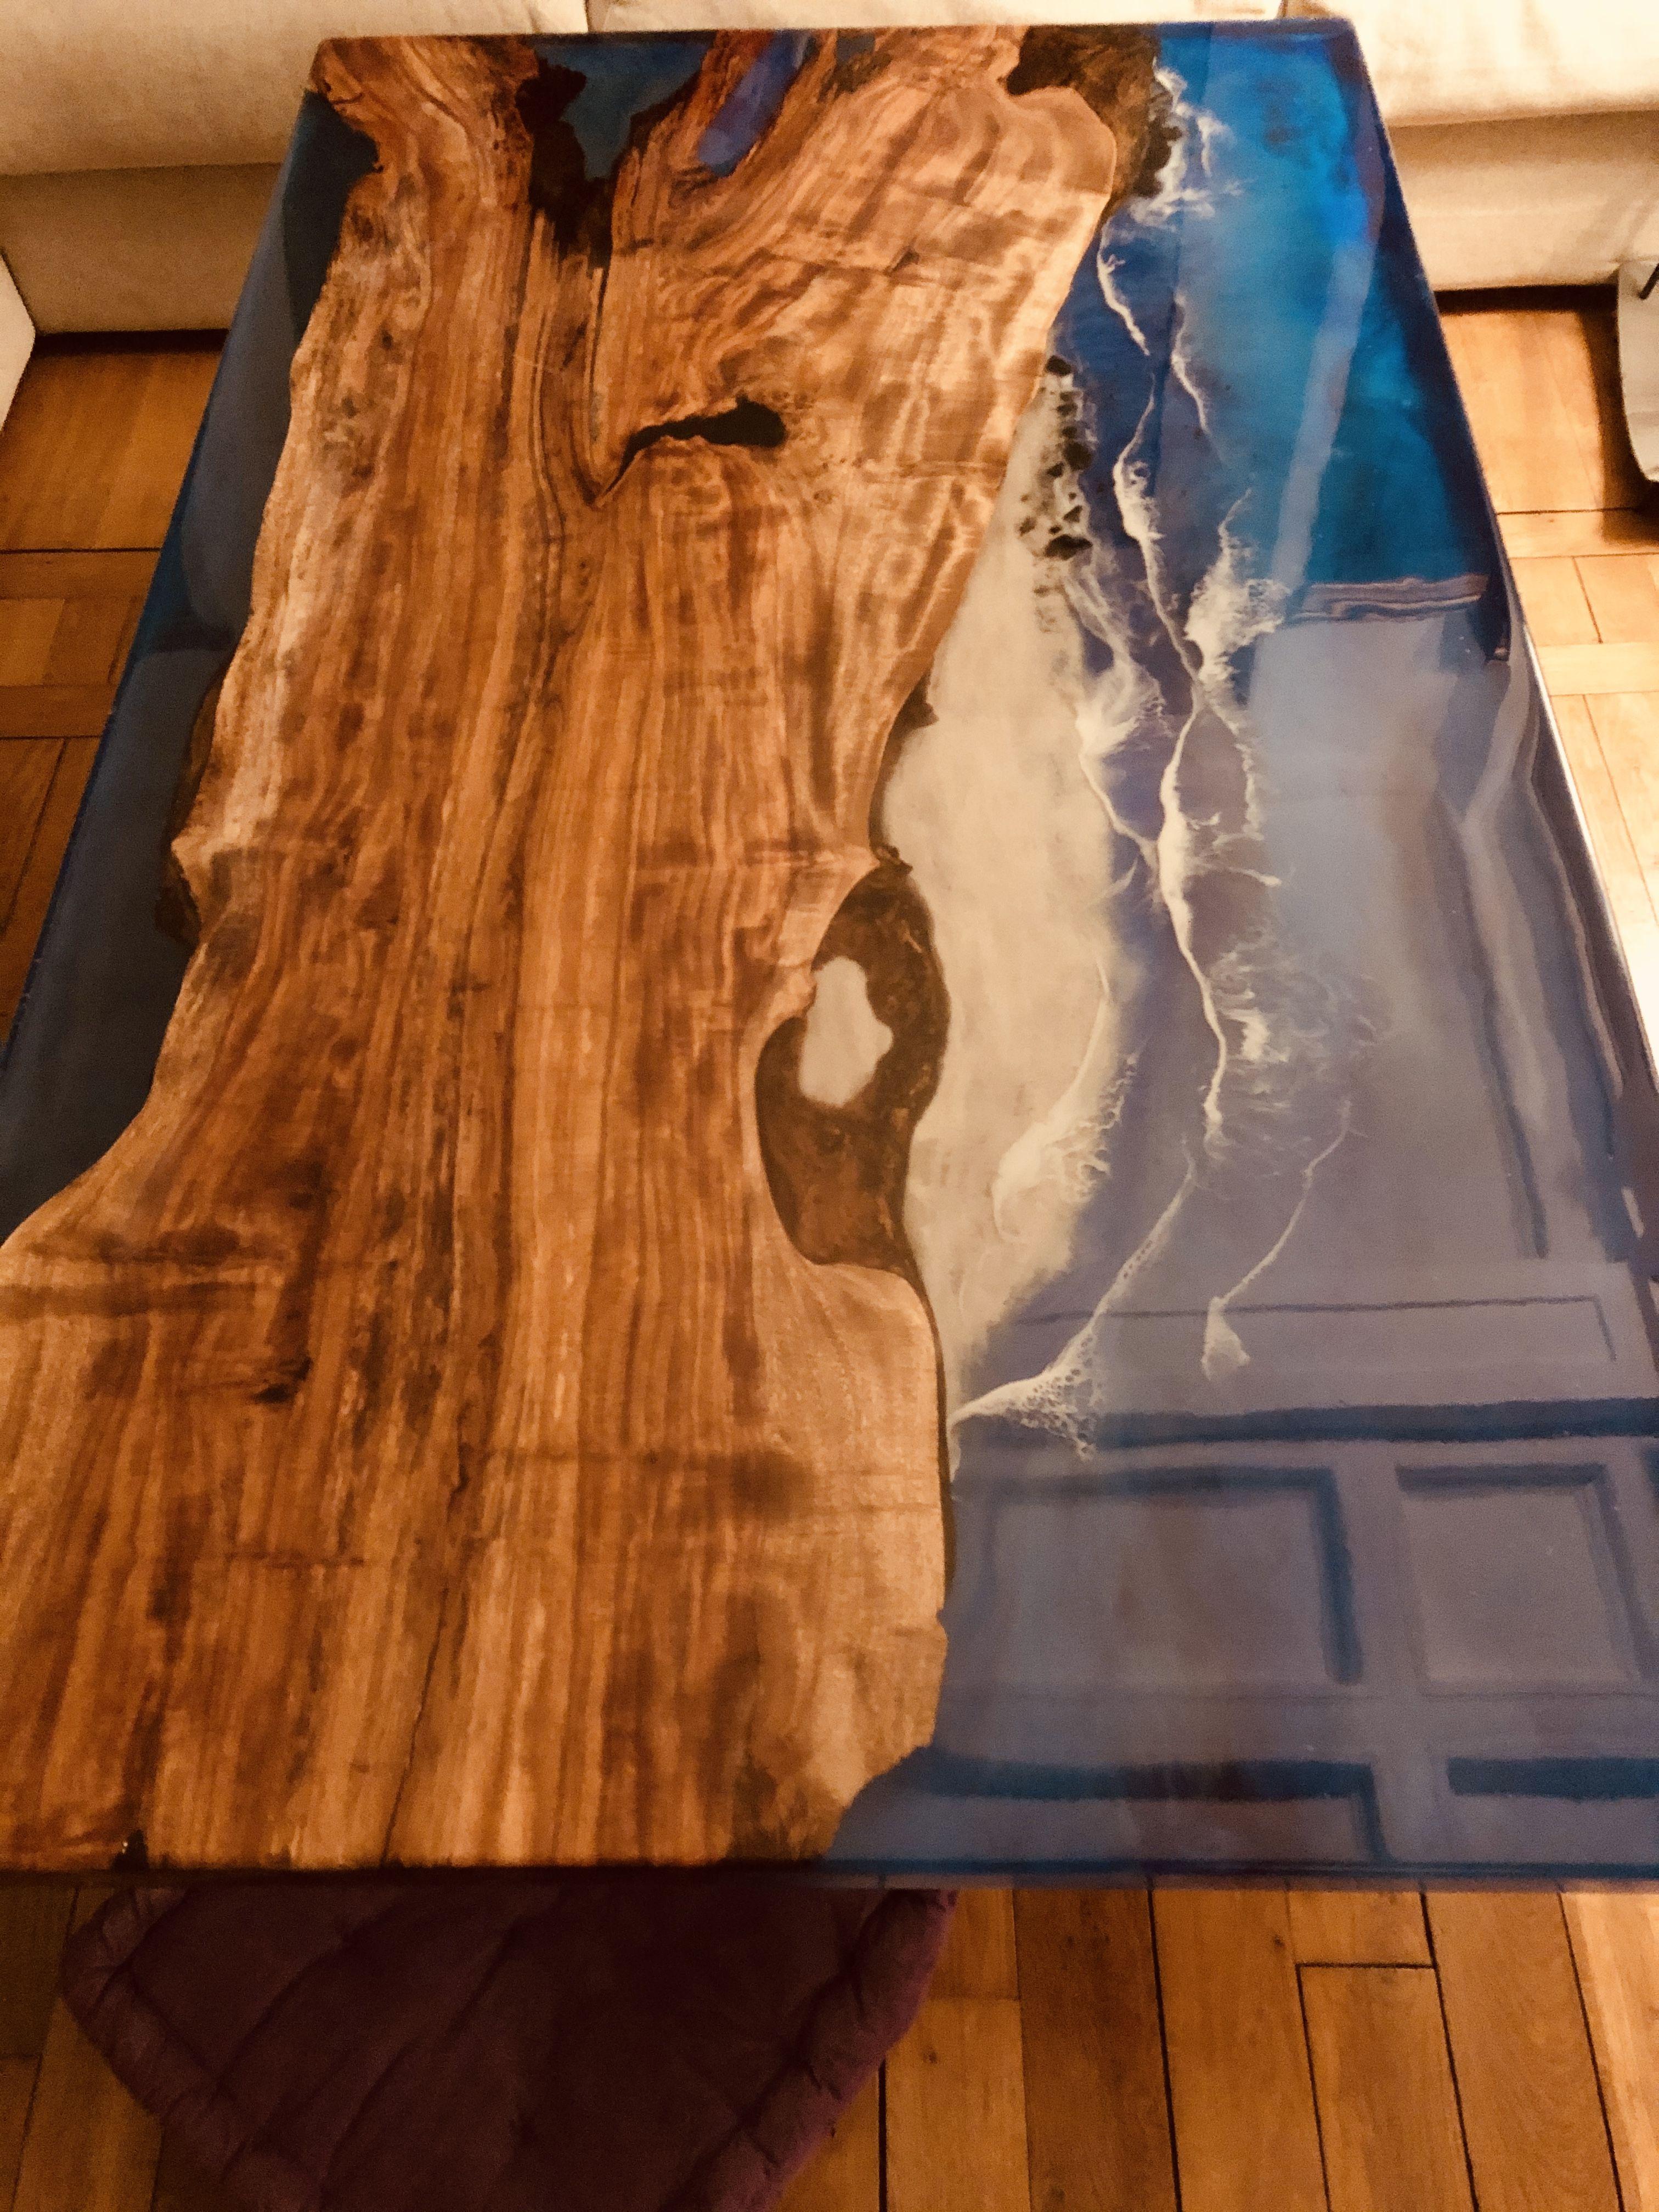 Une Table Basse Inspiree De La Nature En Voie De Realisation Le Plateau Sur Mesure Attend Son Cadre En Metal Couleur Laito En 2020 Table Basse Table Basse Bois Table